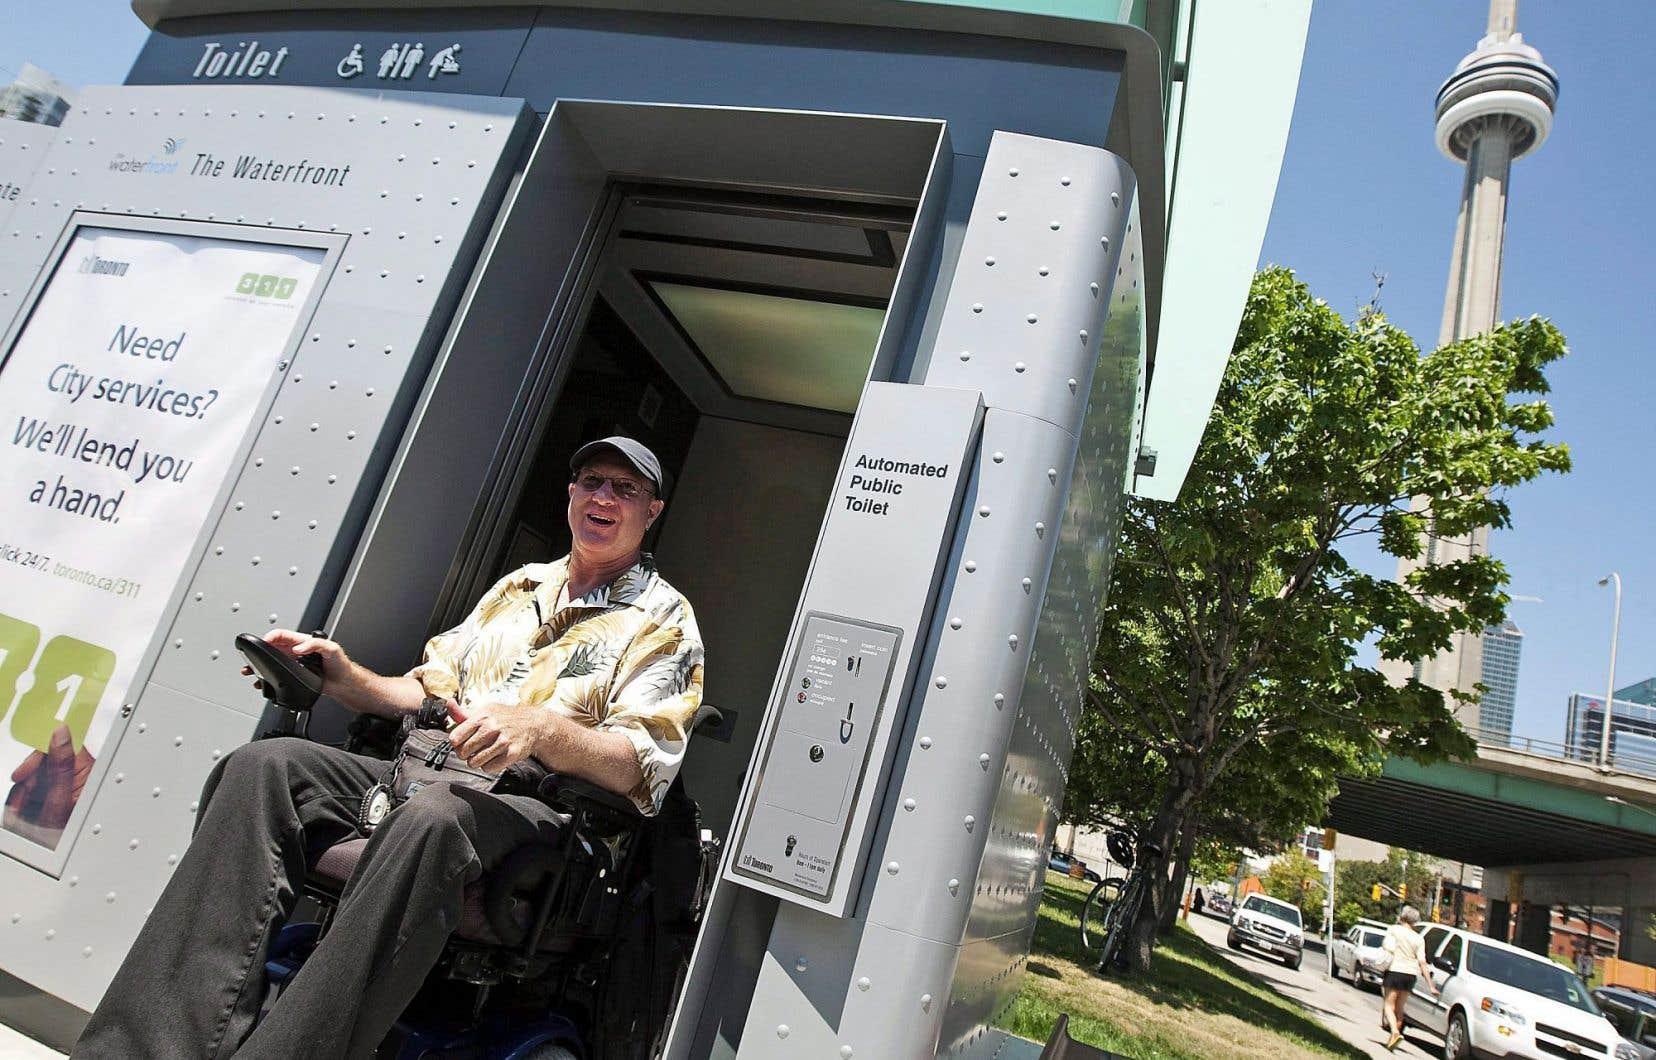 De nombreuses villes dans le monde se sont dotées de toilettes automatisées sur le domaine public. Au Canada, Toronto (notre photo), Vancouver, Edmonton, Victoria et Trois-Rivières en ont installé.